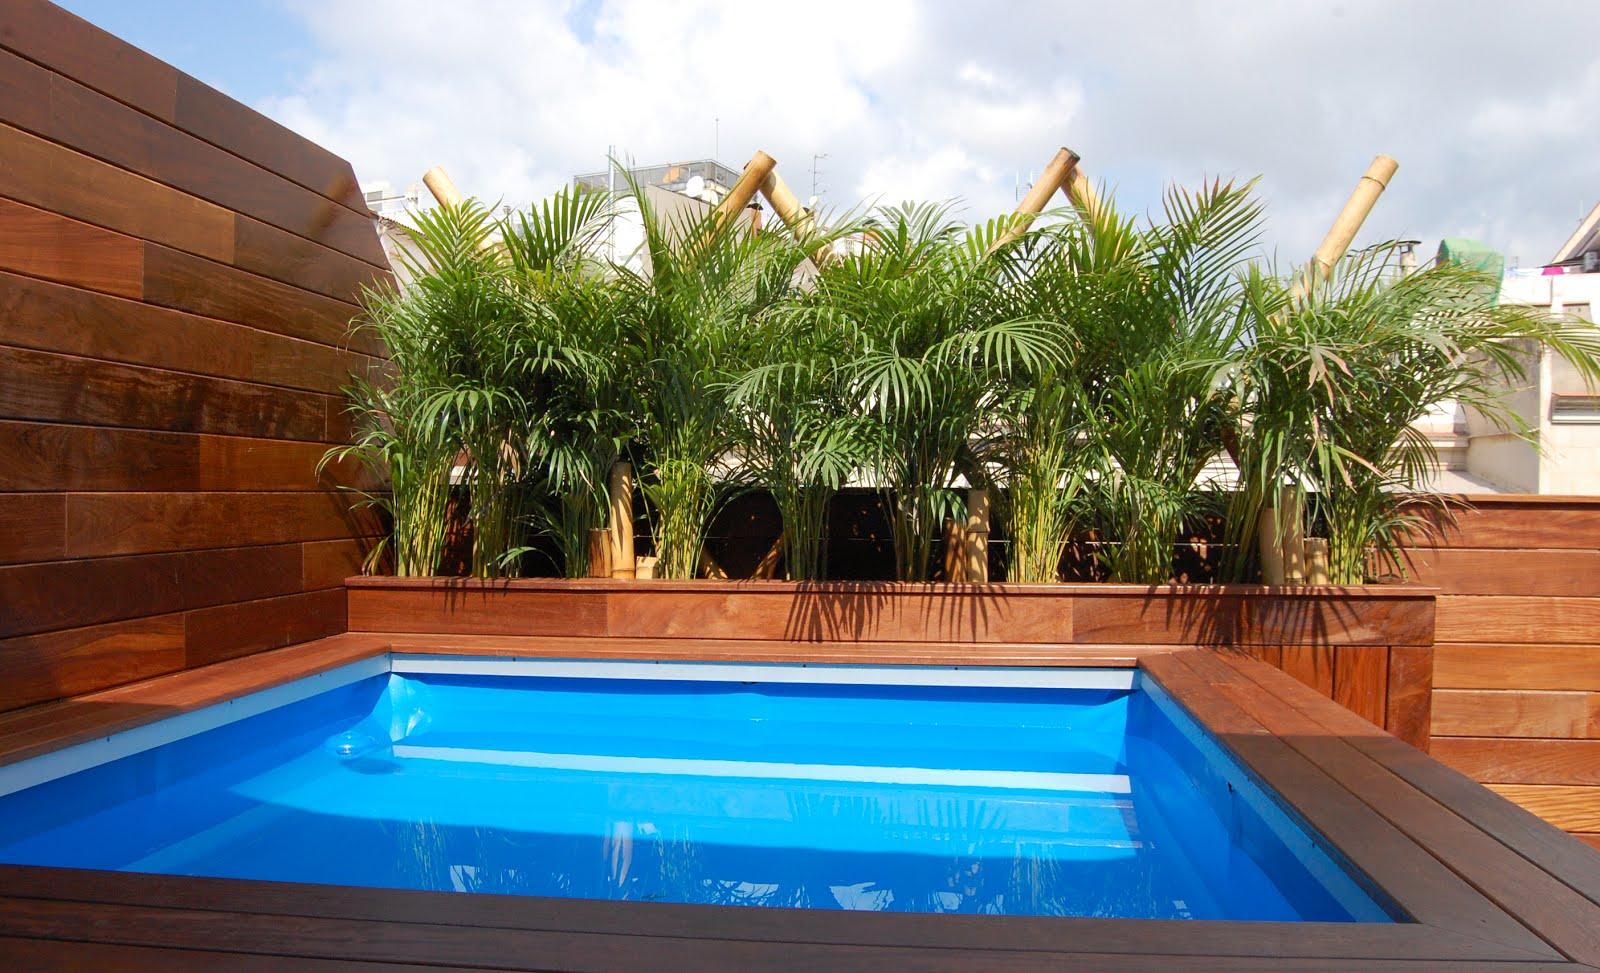 Terraza con piscina guia de jardin for Casas bonitas con alberca y jardin